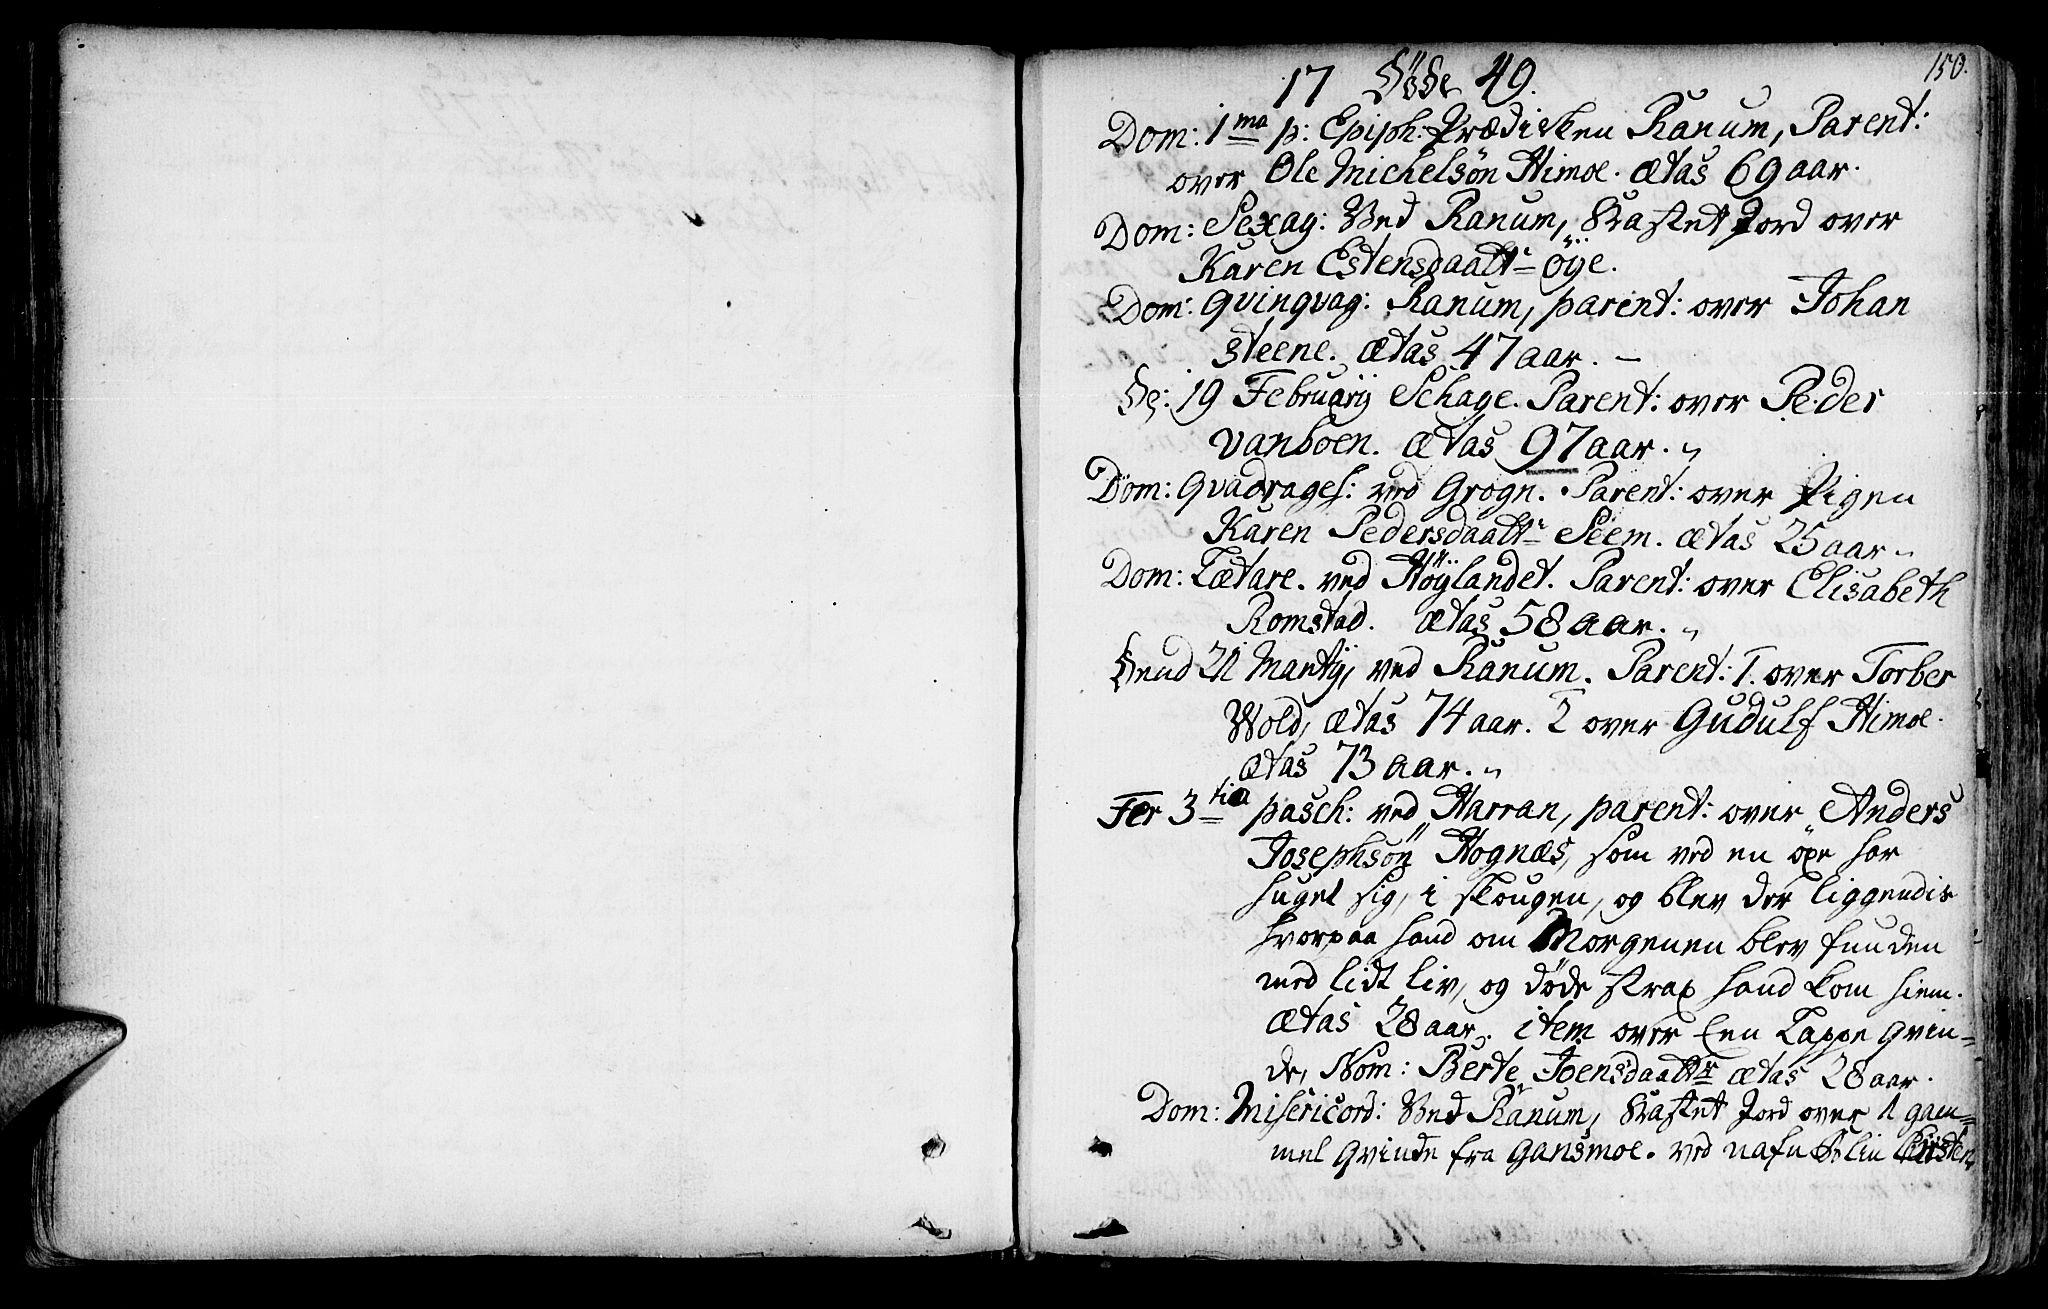 SAT, Ministerialprotokoller, klokkerbøker og fødselsregistre - Nord-Trøndelag, 764/L0542: Ministerialbok nr. 764A02, 1748-1779, s. 150